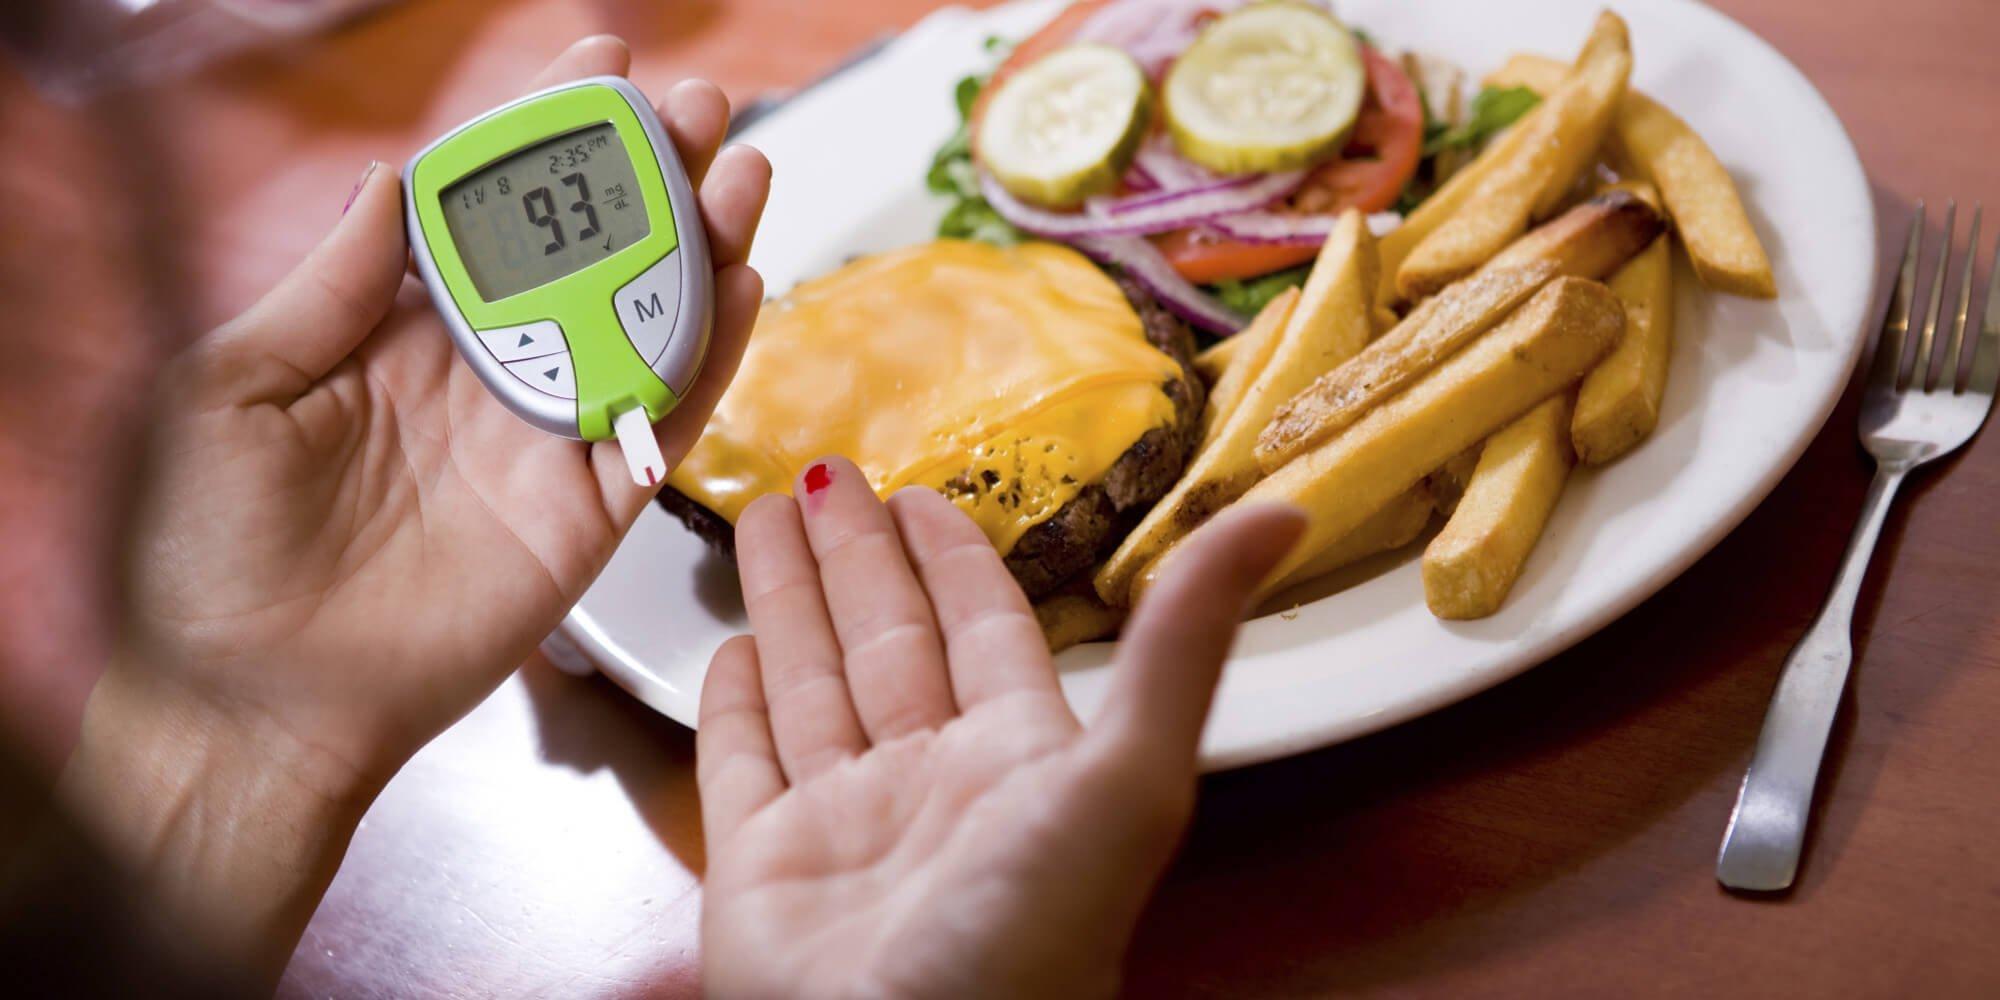 Фастфуд вызывает эпидемию диабета по всей планете